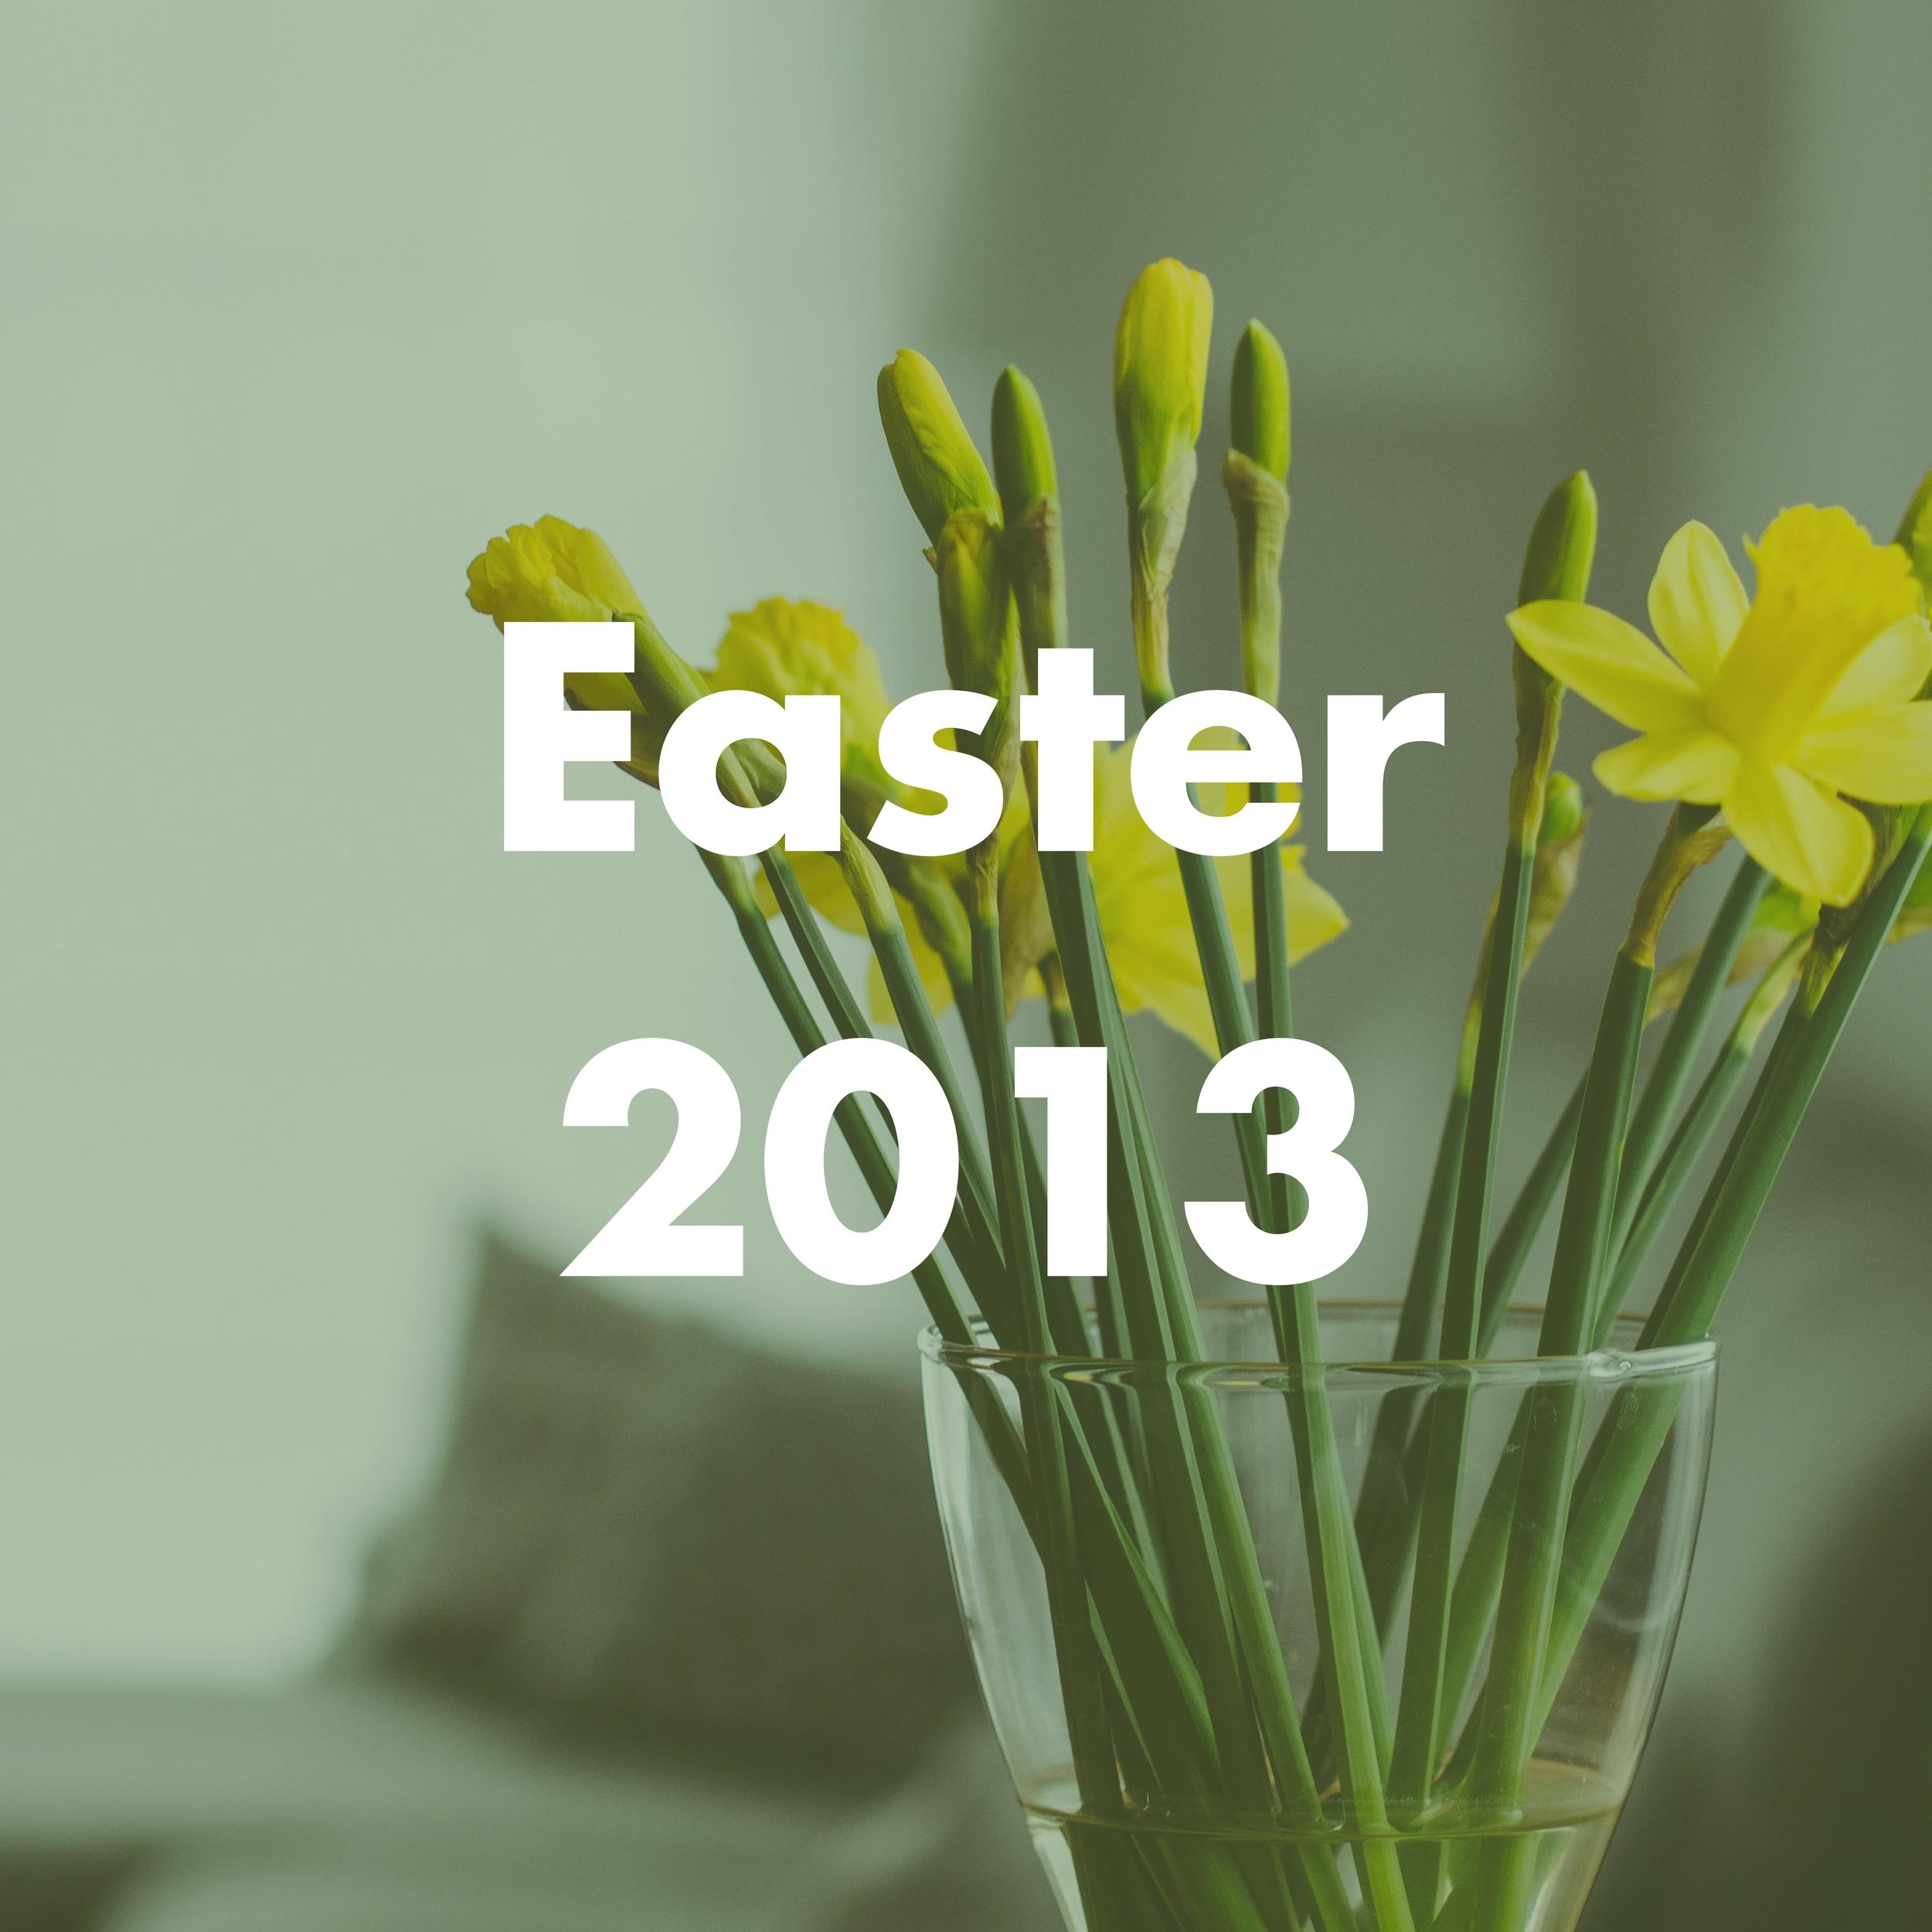 Easter 2013.jpg